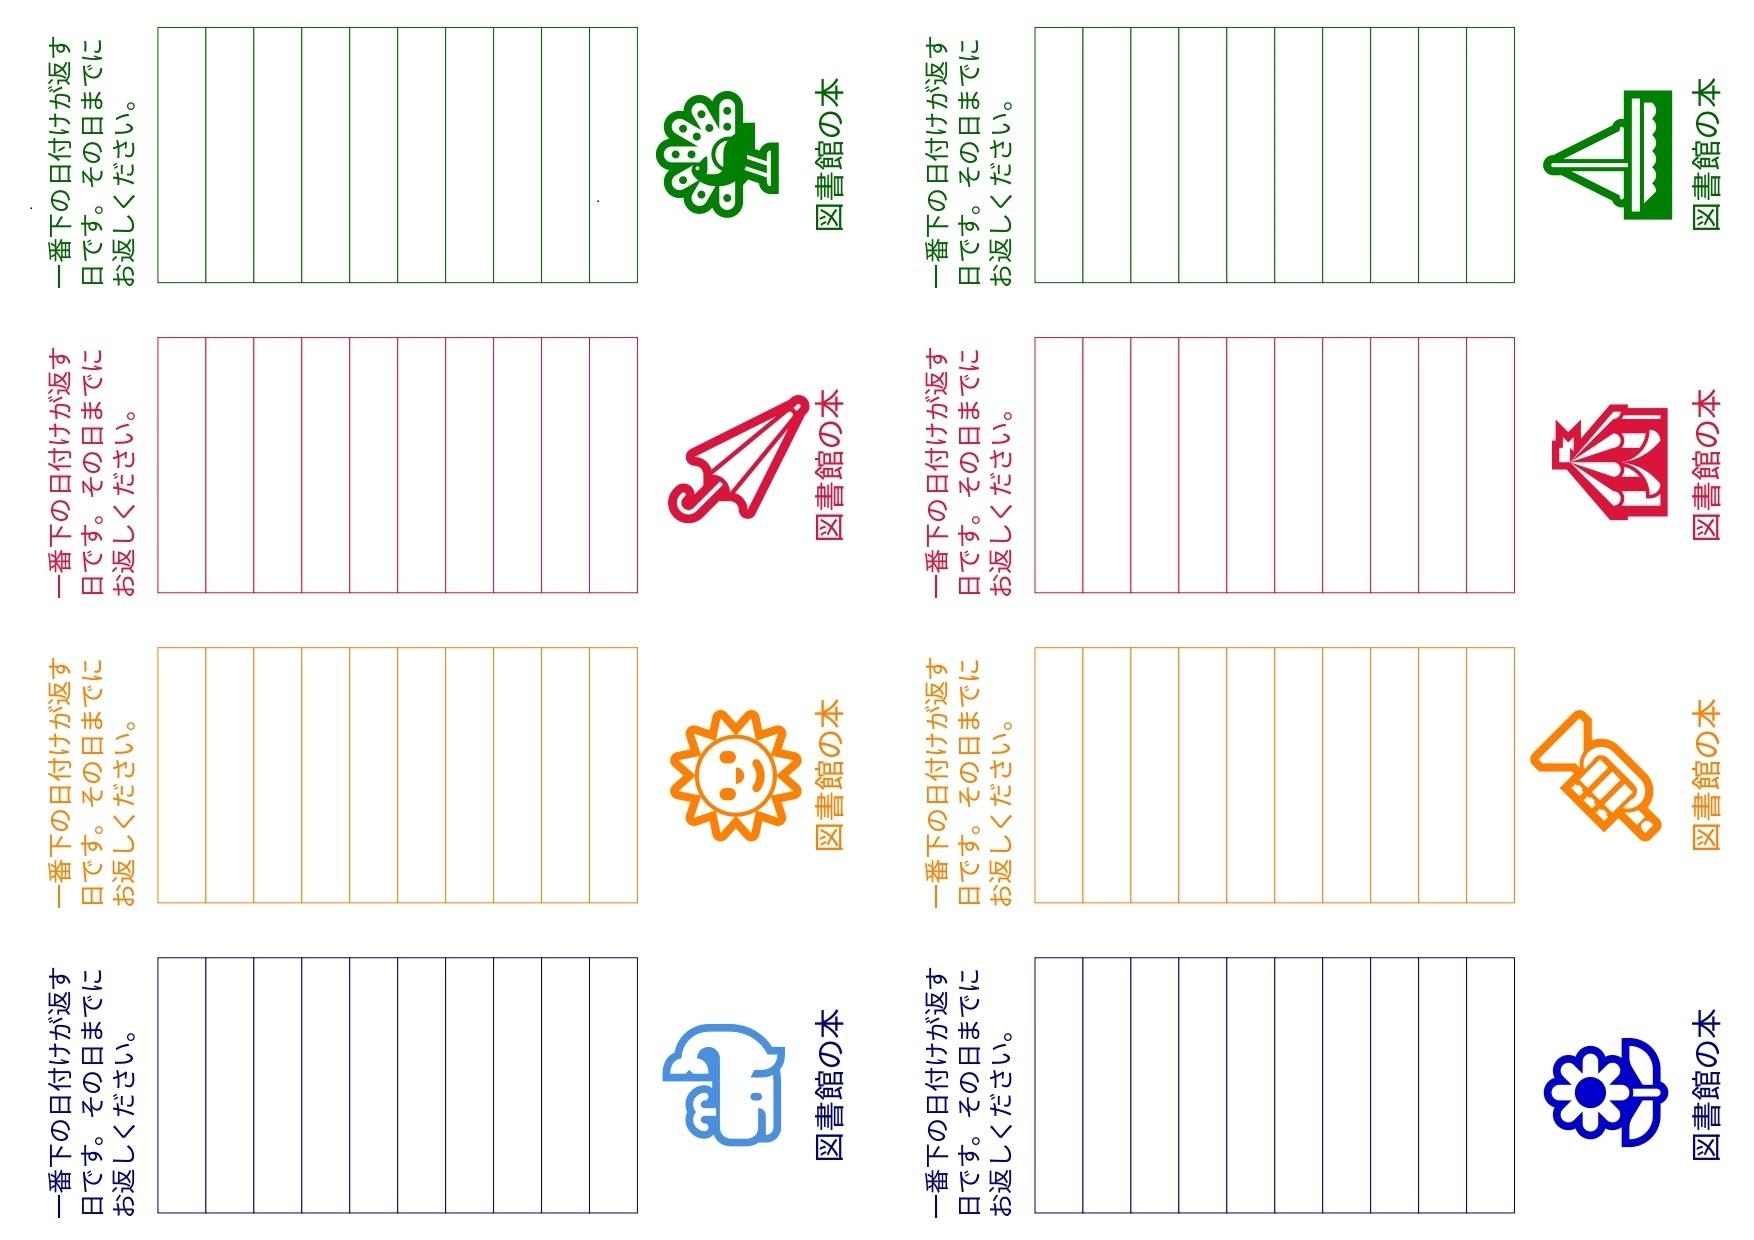 librarybookmark.jpg